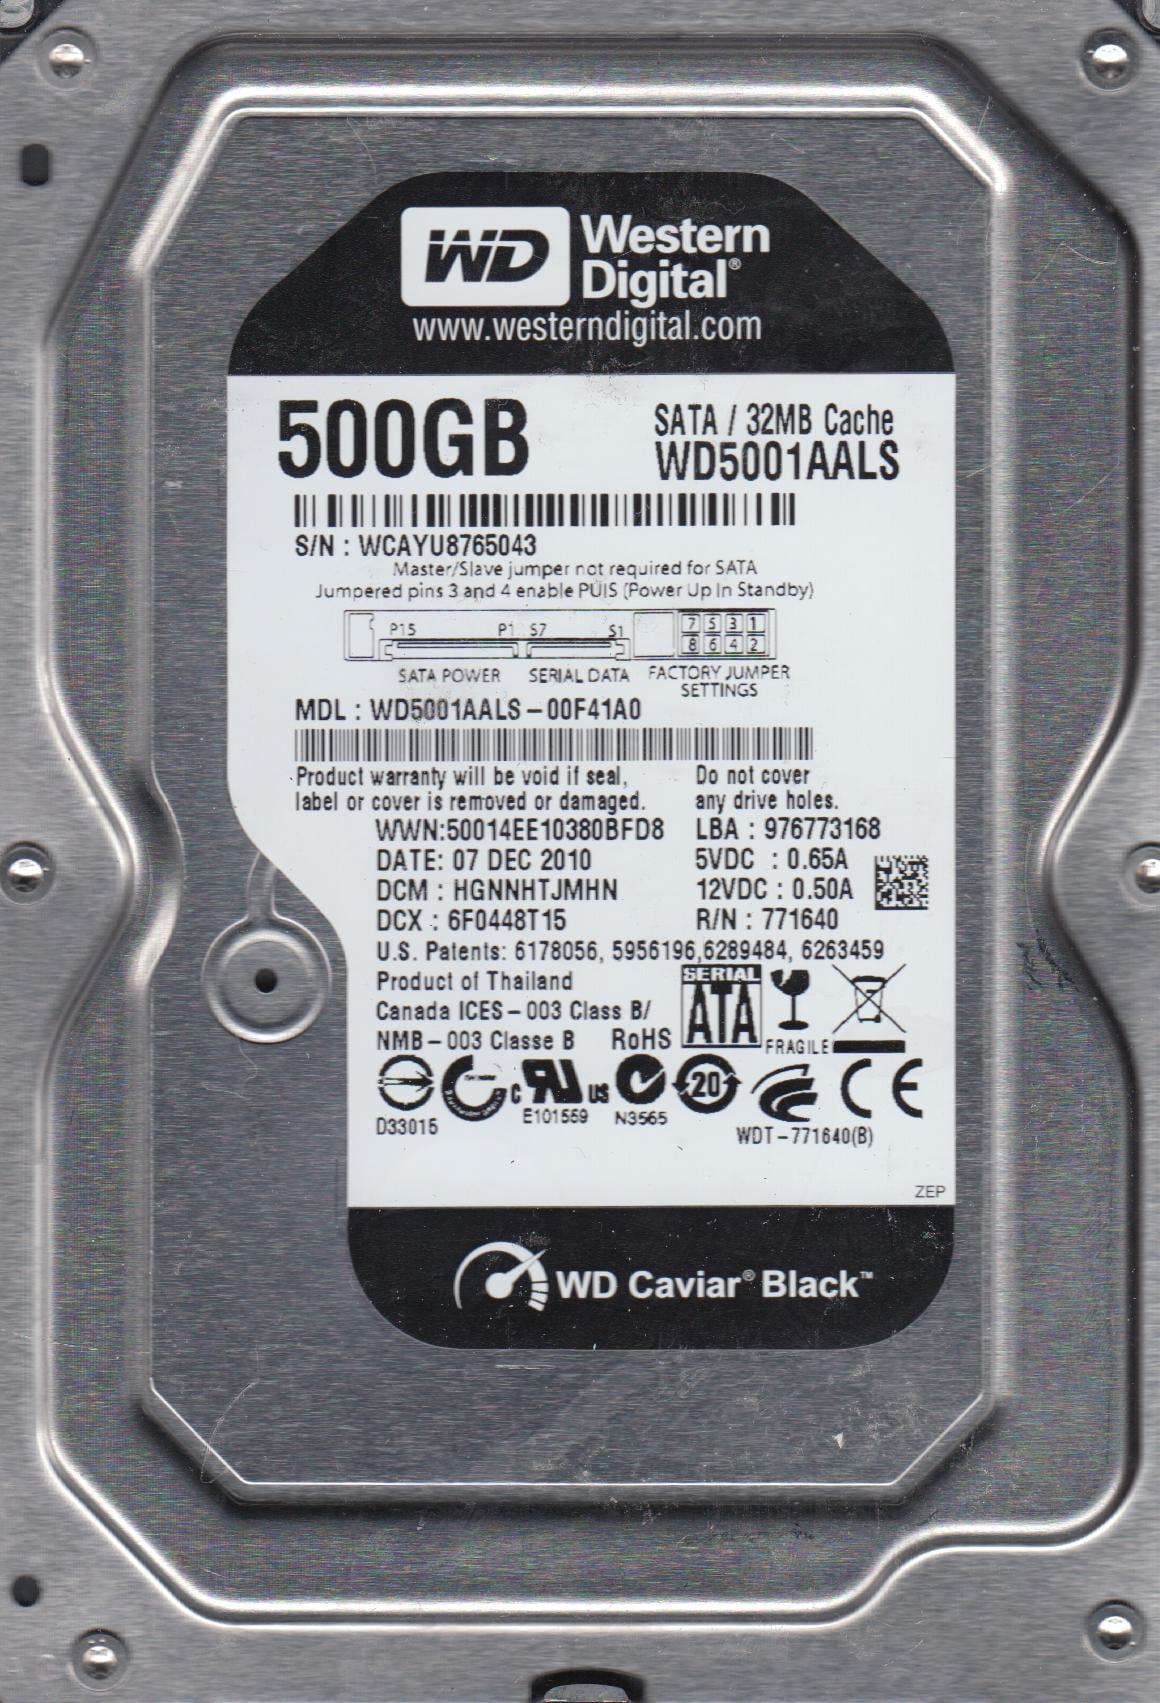 WD5001AALS-00F41A0, DCM HGNNHTJMHN, Western Digital 500GB SATA 3.5 Hard Drive by WD